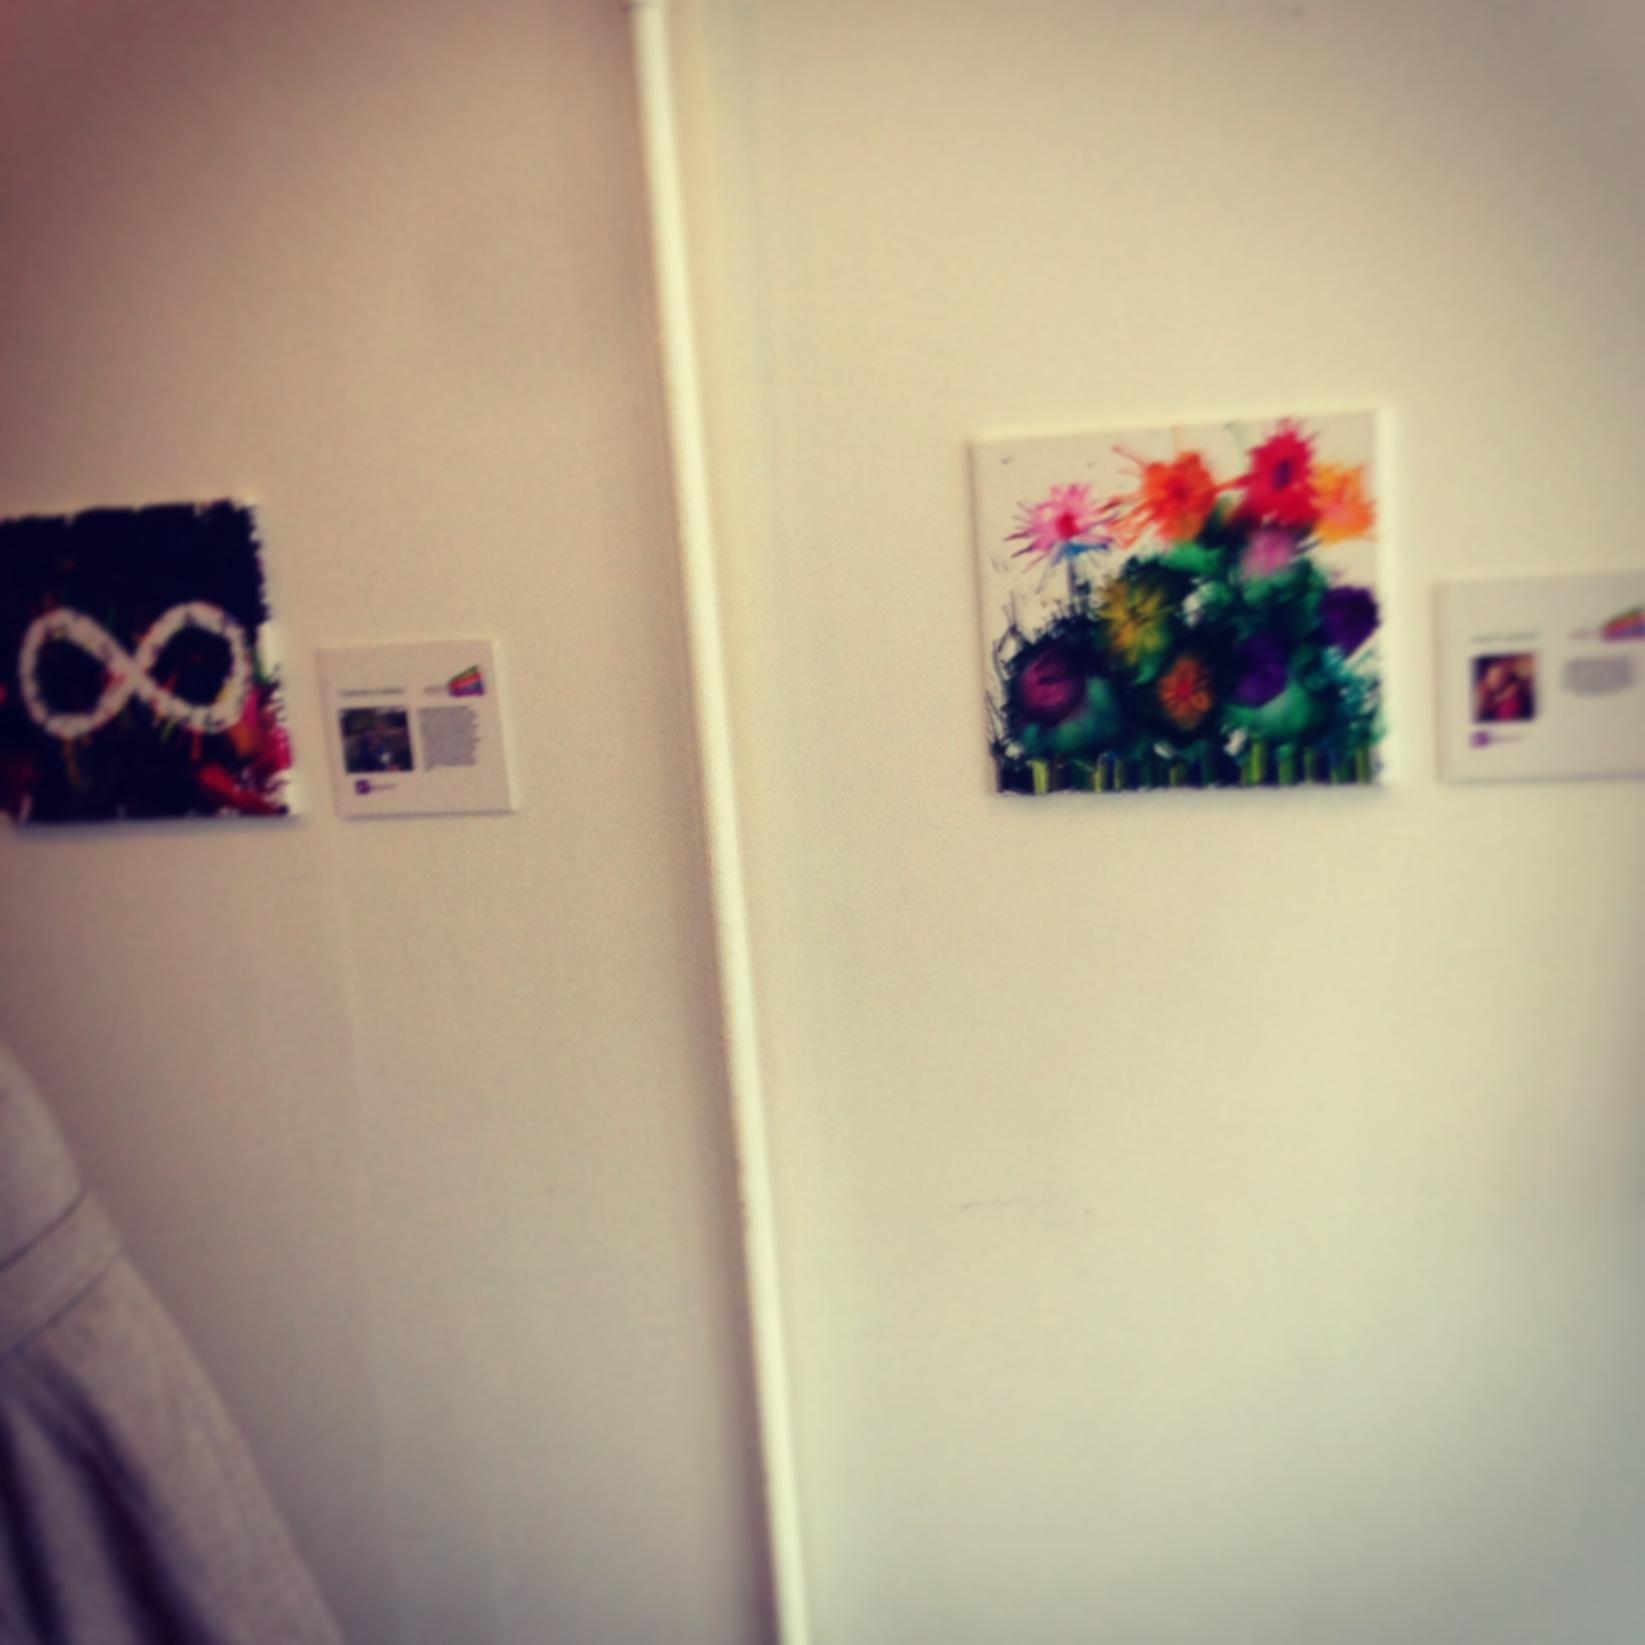 bbbsec art show 2